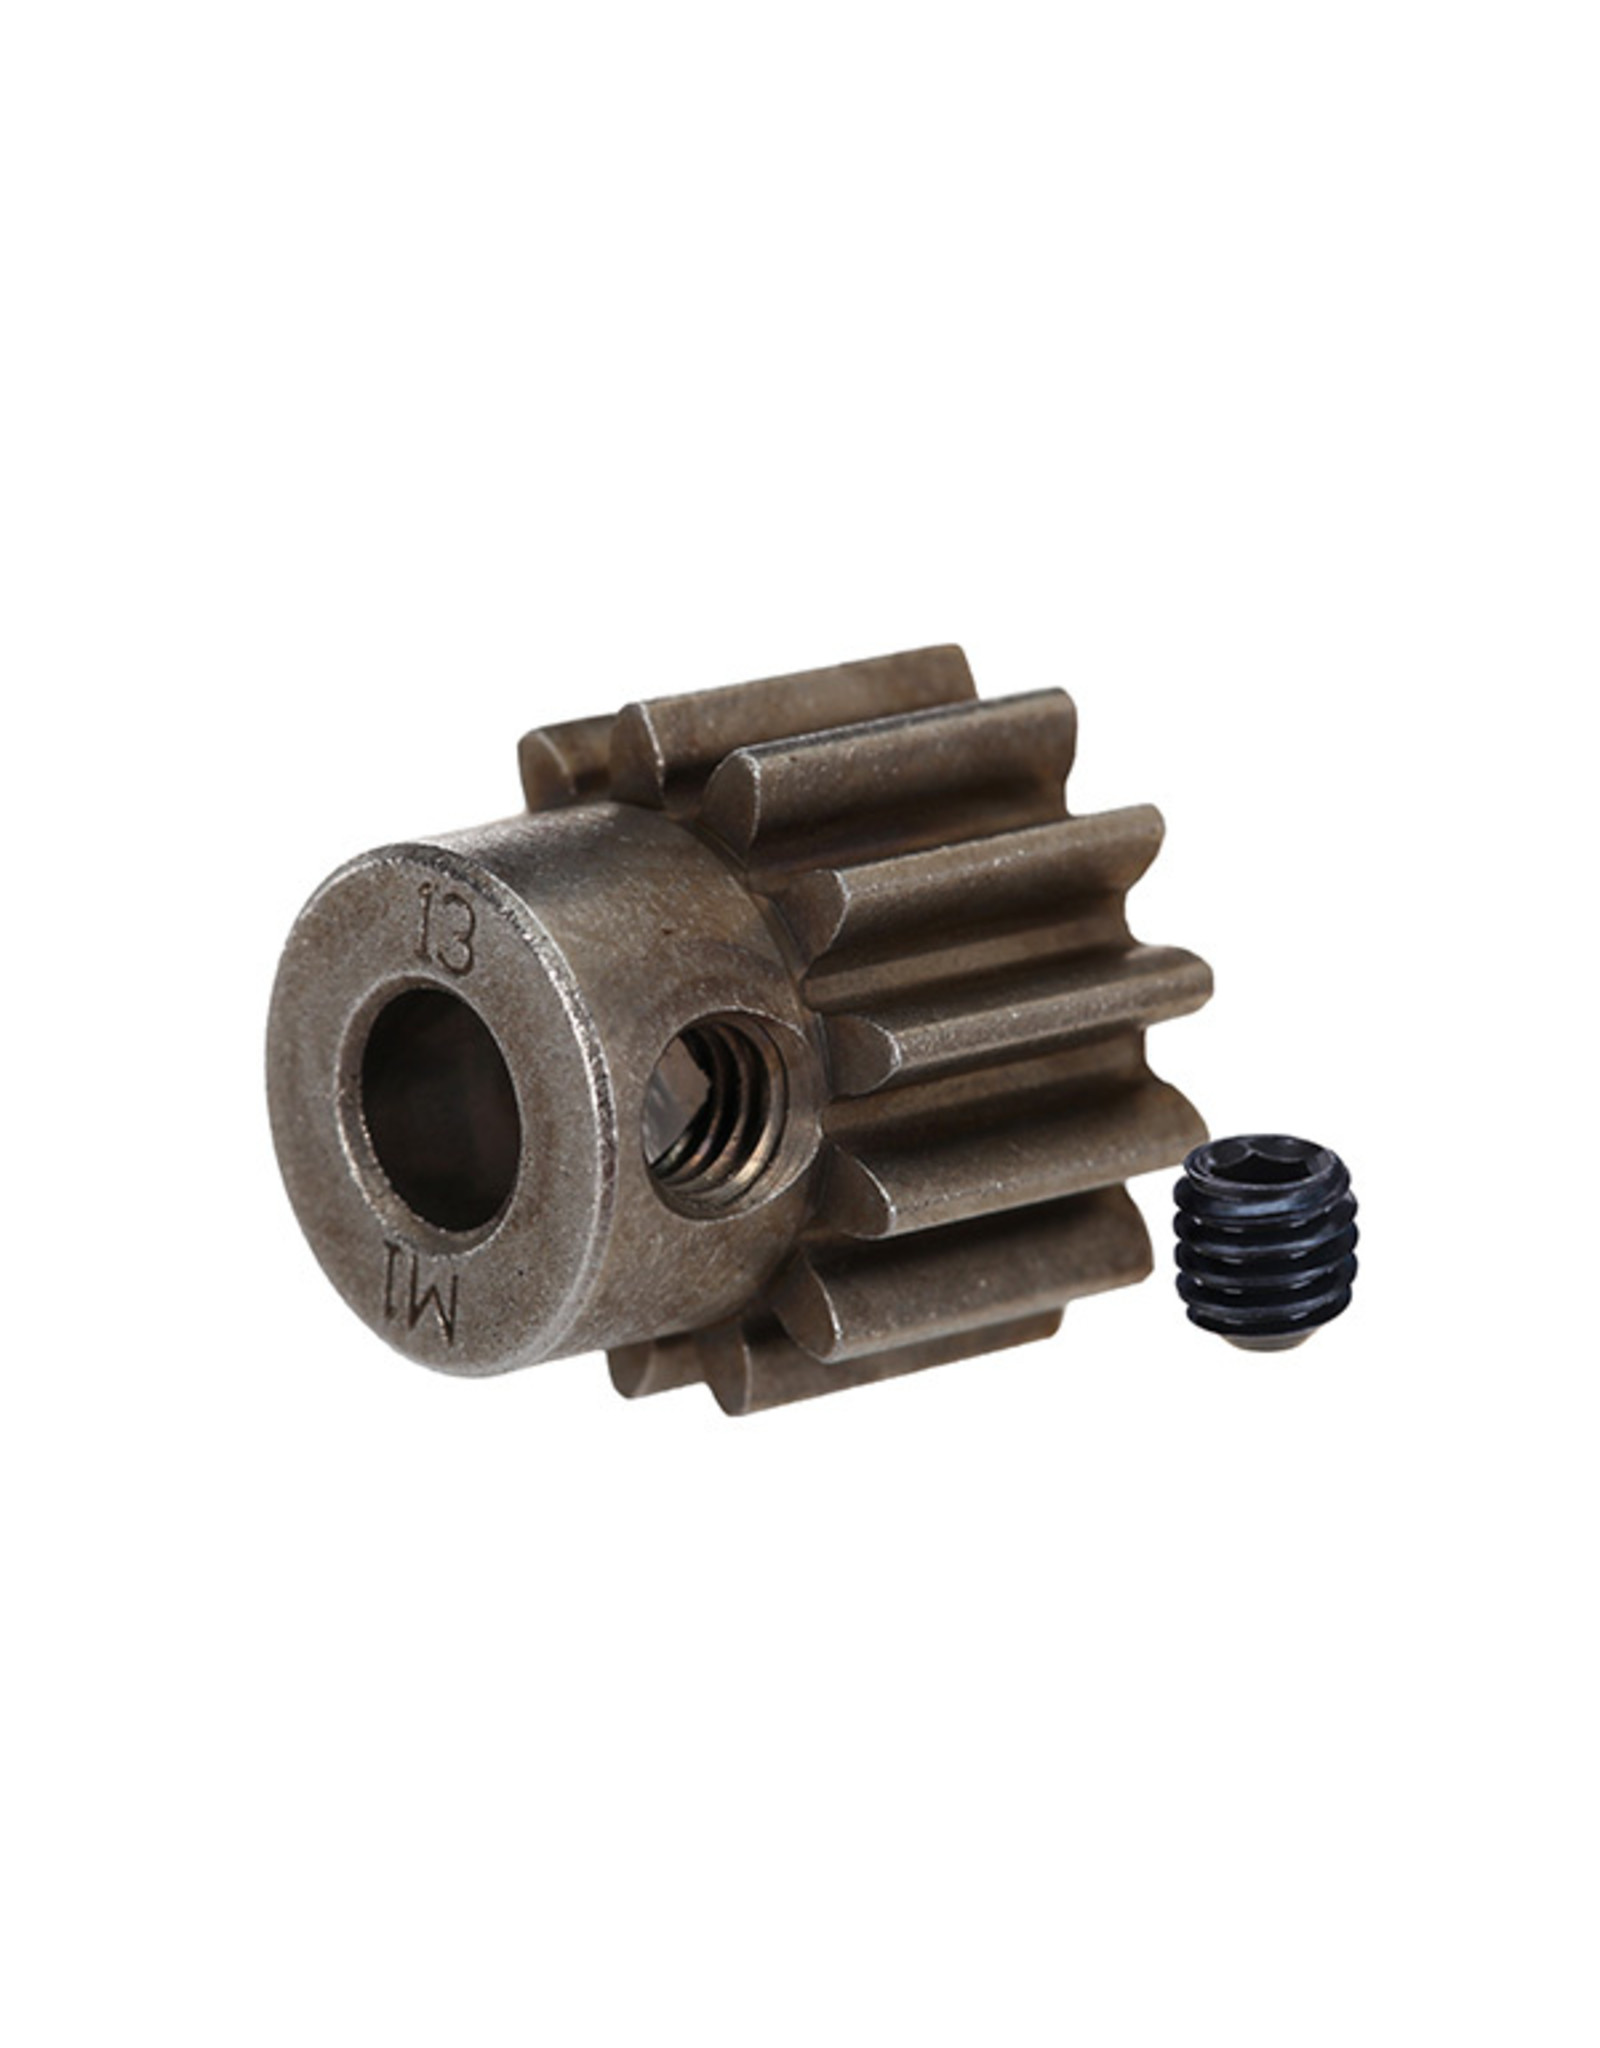 Traxxas 6486X - Pinion Gear 13T (1.0 Metric)